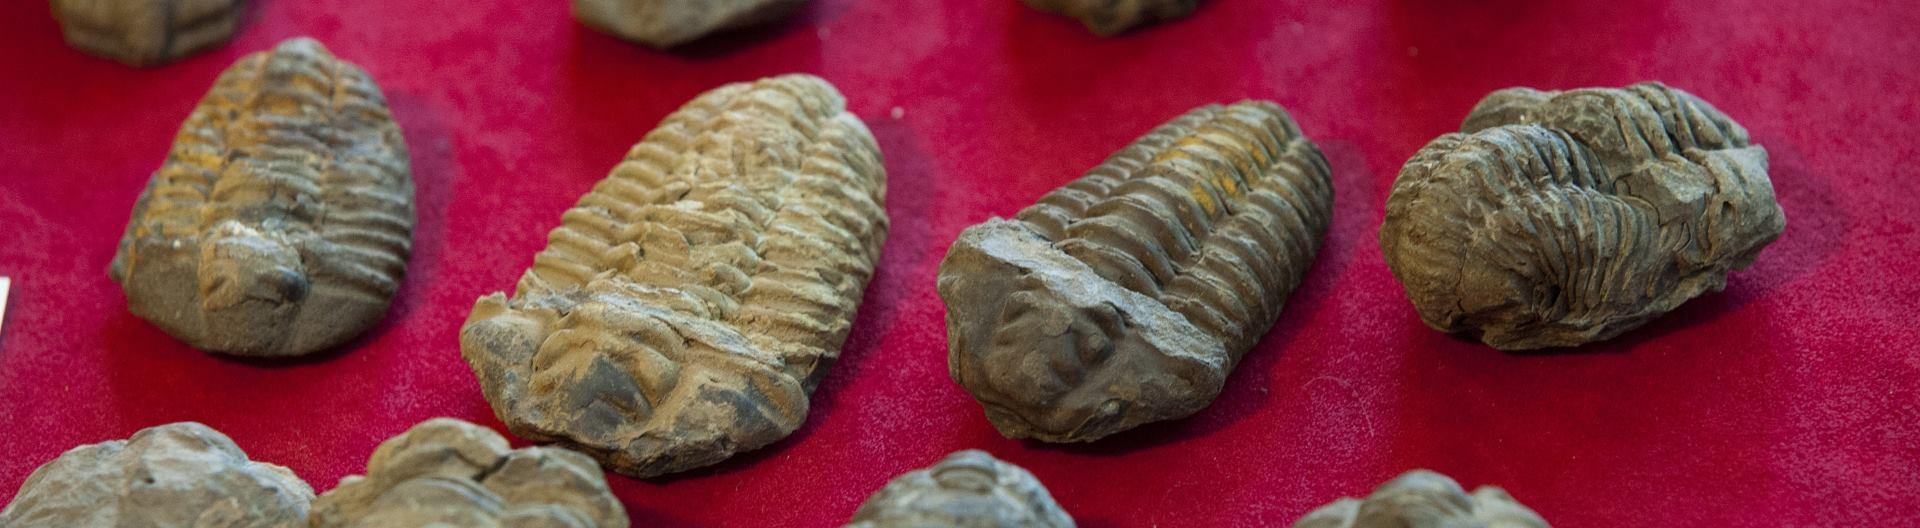 ZMIJA S ČETIRI NOGE U Brazilu otkriven jedinstveni fosil iz mezozoika